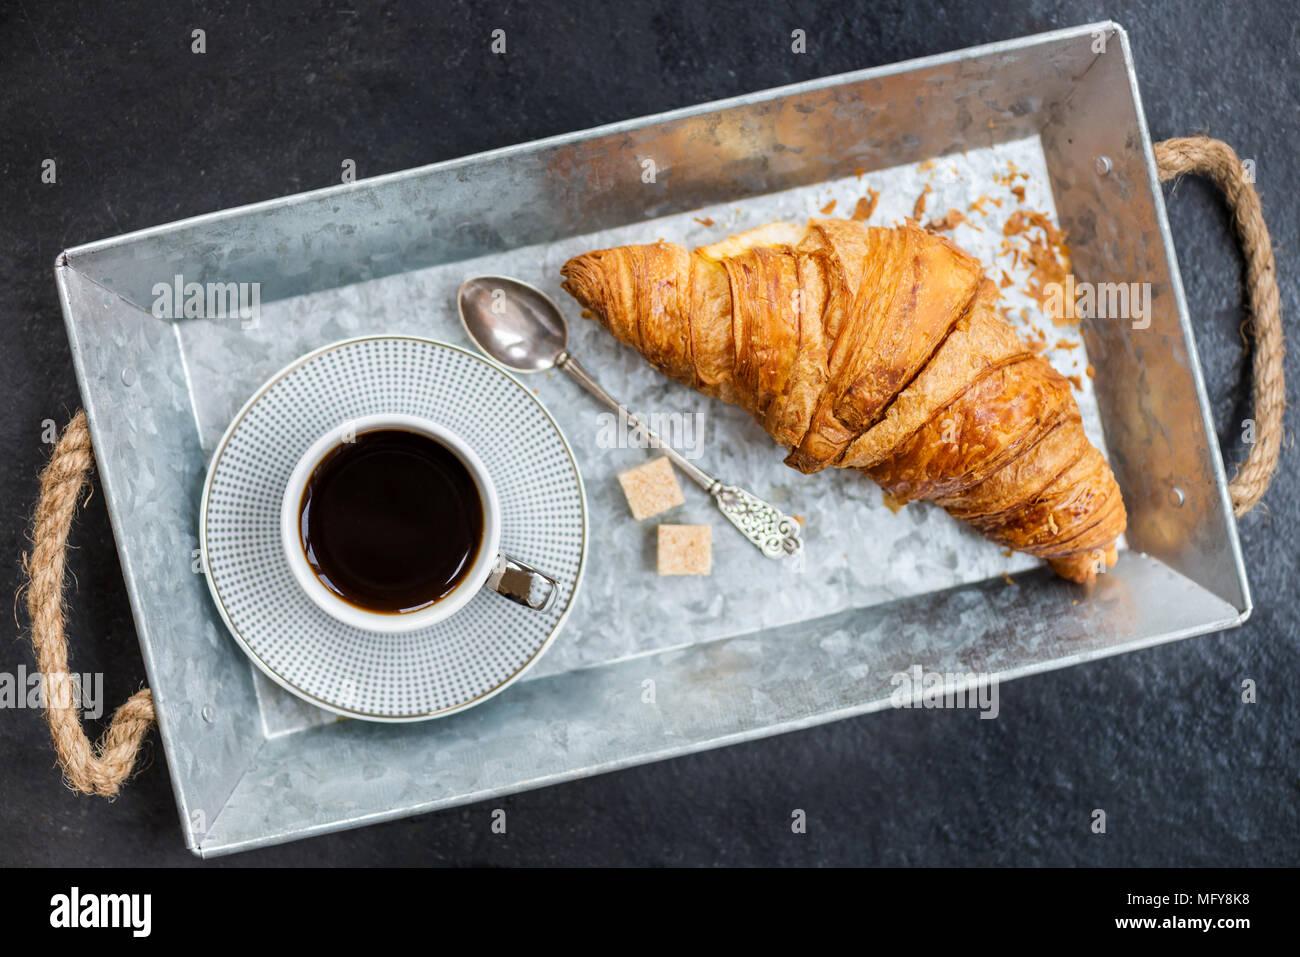 Desayuno ligero desde croissants frescos y una taza de café en la bandeja gris Foto de stock